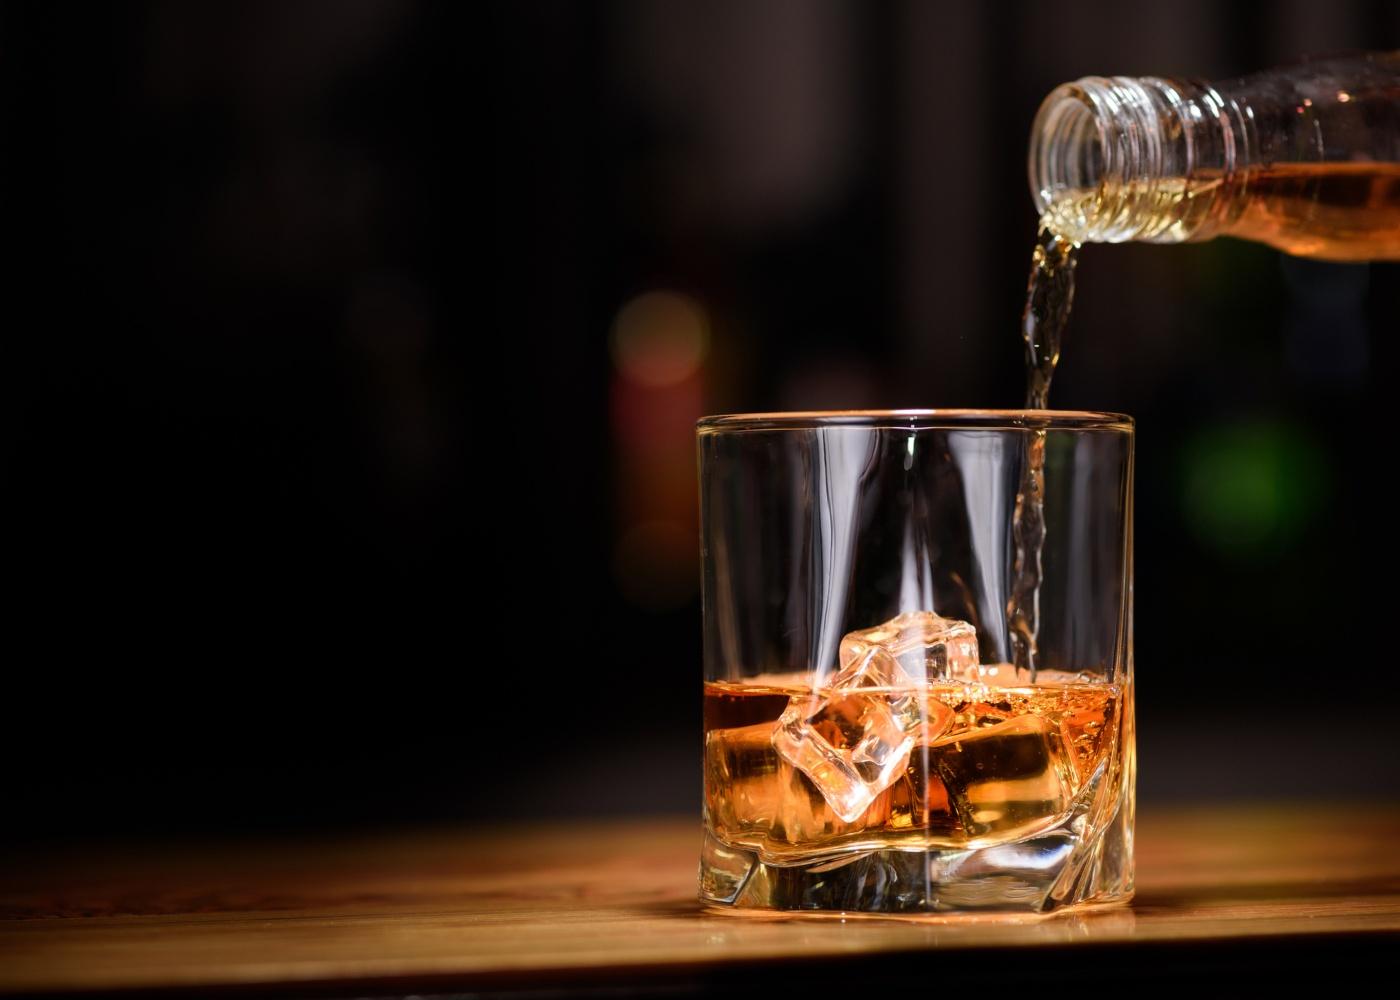 Copo com whisky